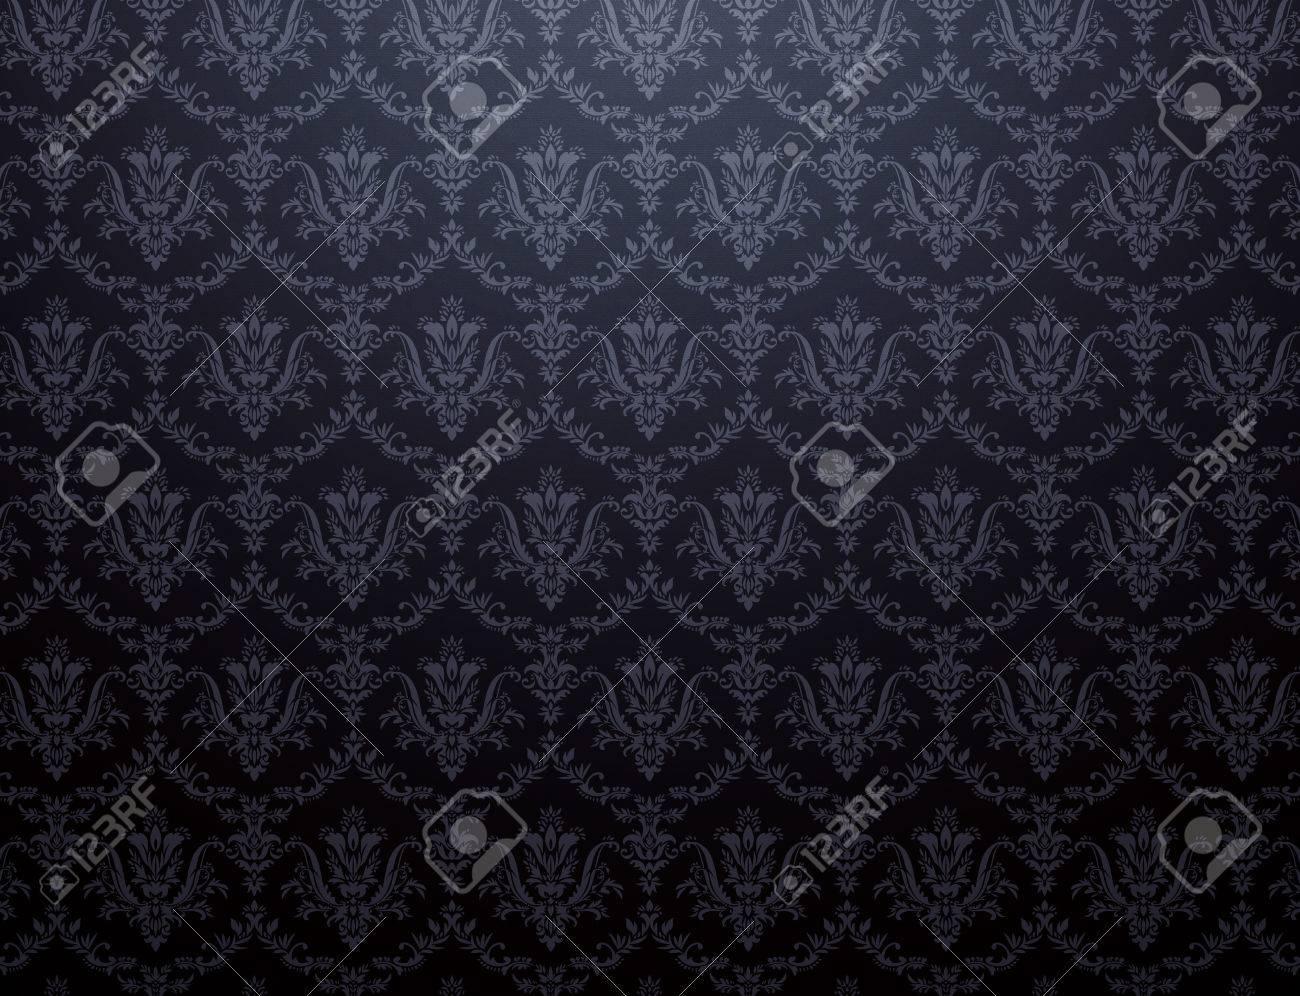 Fond D Écran Noir fond d'écran noir avec motif floral doux banque d'images et photos